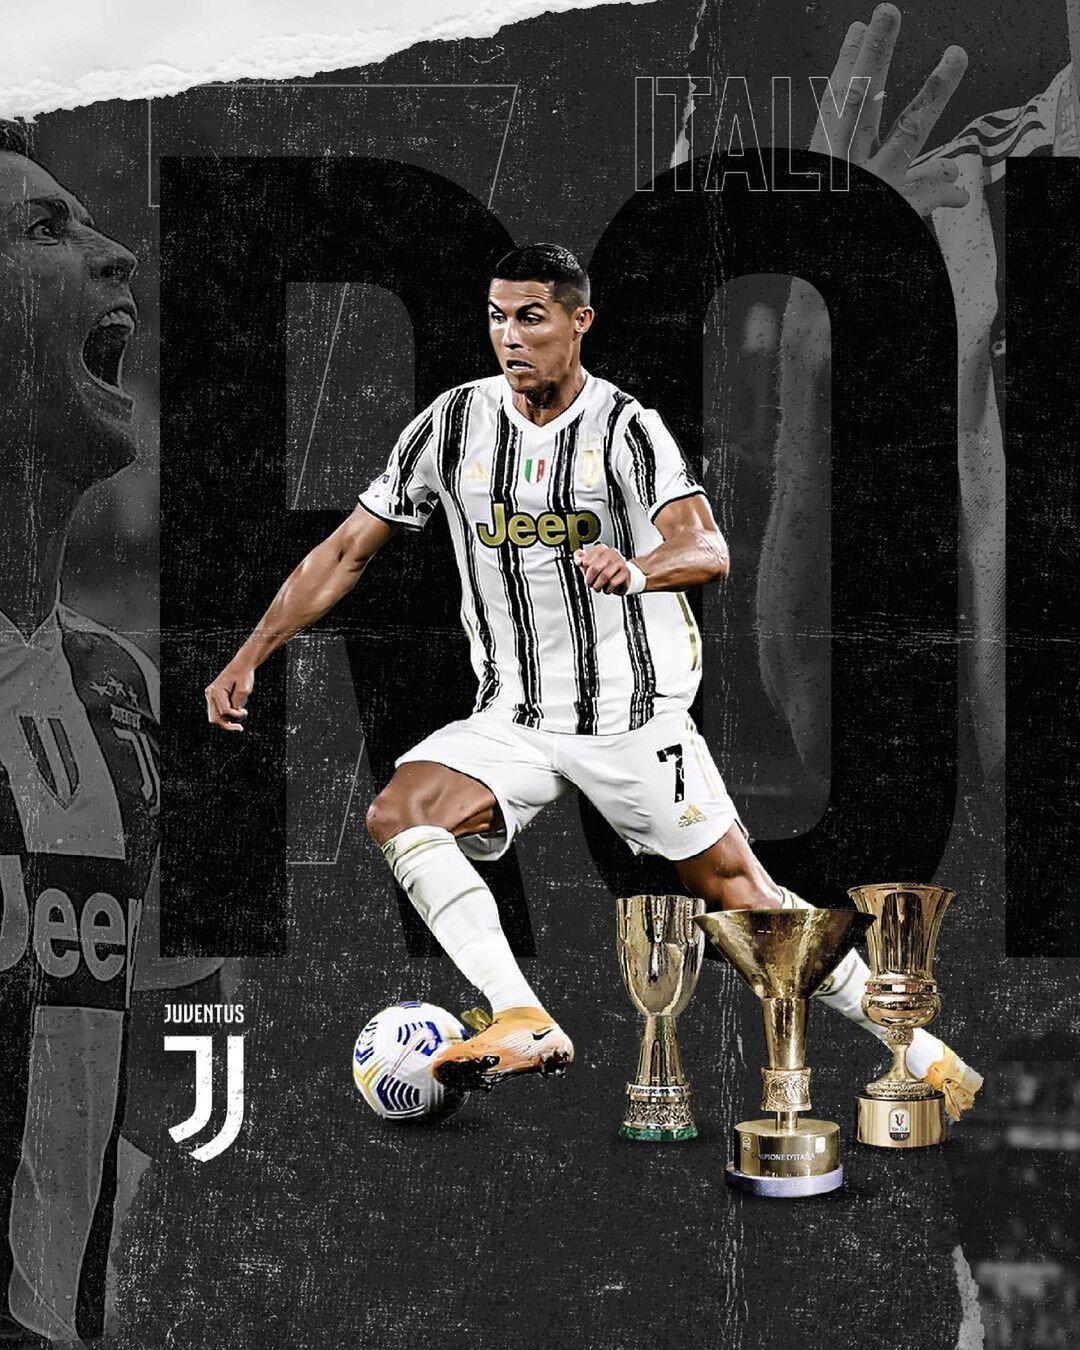 Ronaldo paylaşımında kazandığı kupaların görsellerine ver verdi.